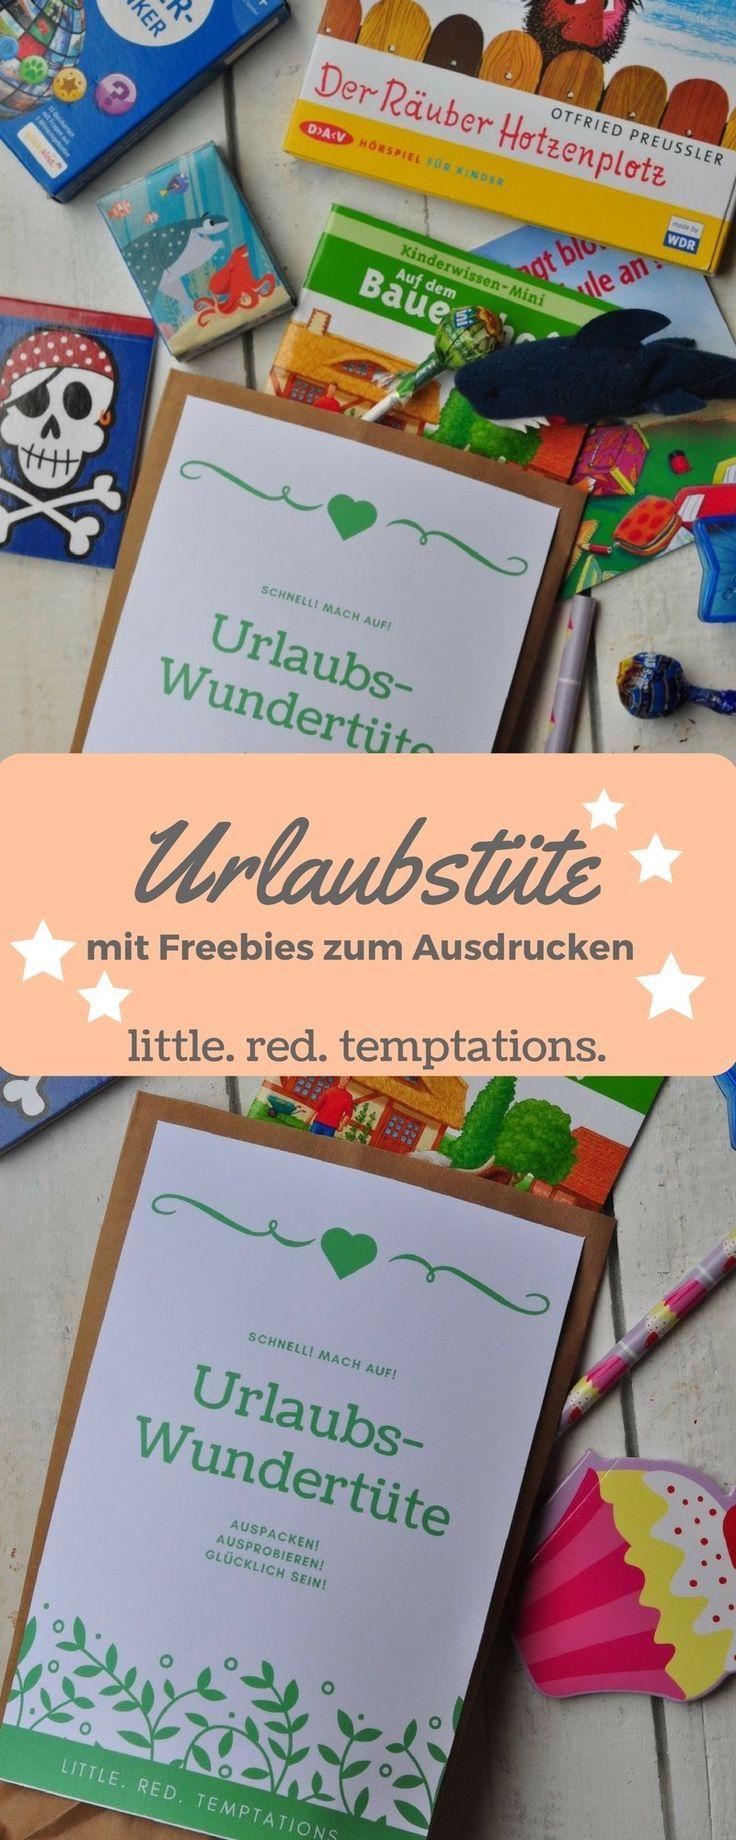 reisen mit kindern die urlaubstüte  little red